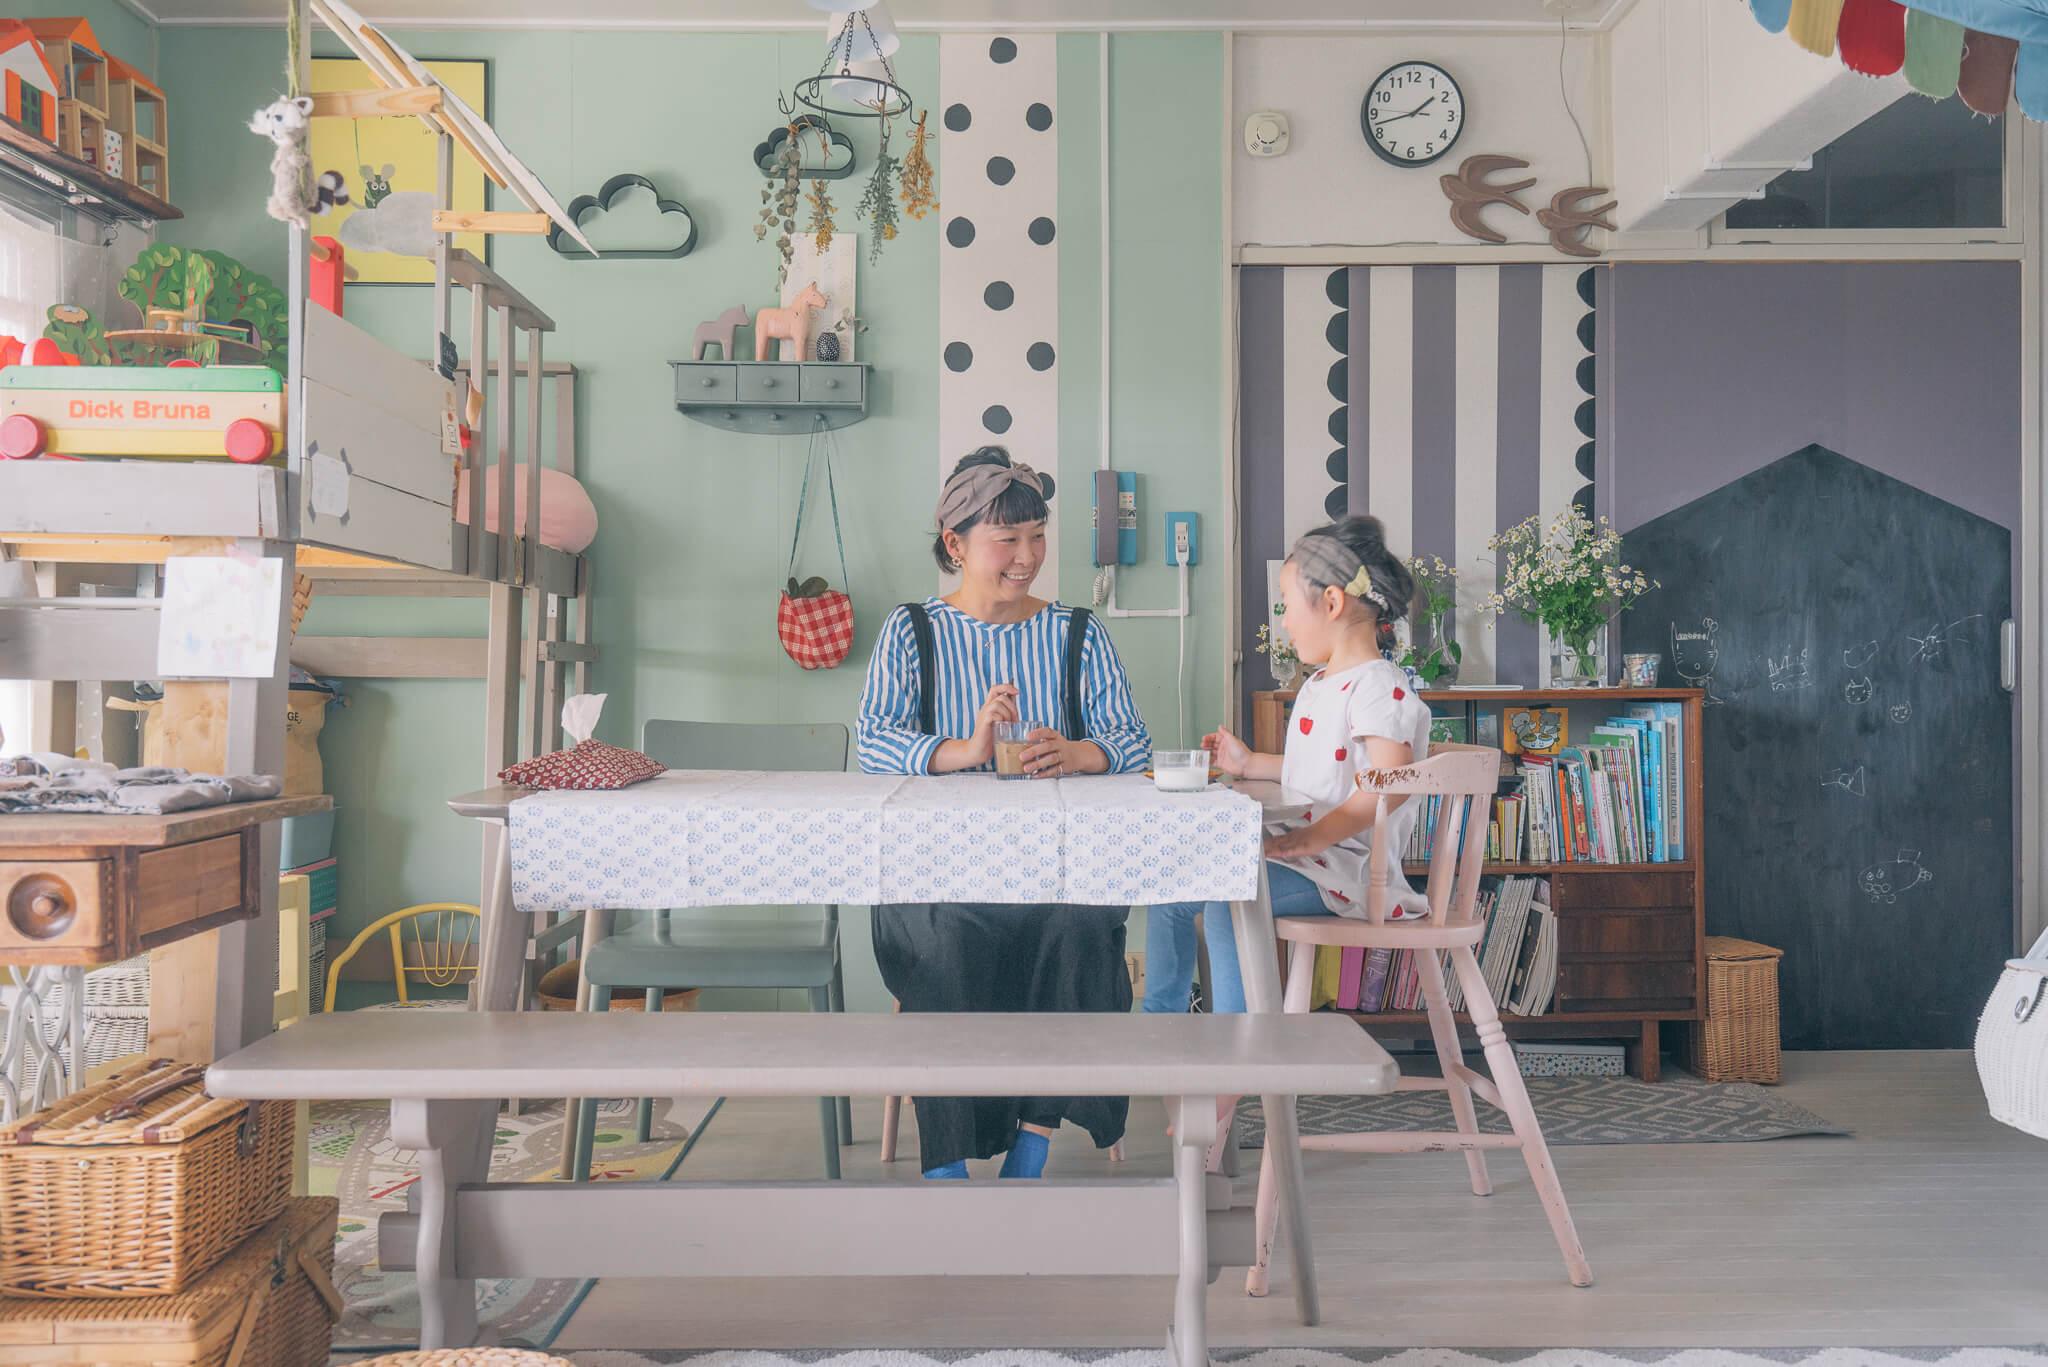 asamiさんファミリーのダイニングテーブルは、お部屋の雰囲気に合わせたパステルカラーに。明るい色なので、部屋も明るく見えます(このお部屋はこちら)